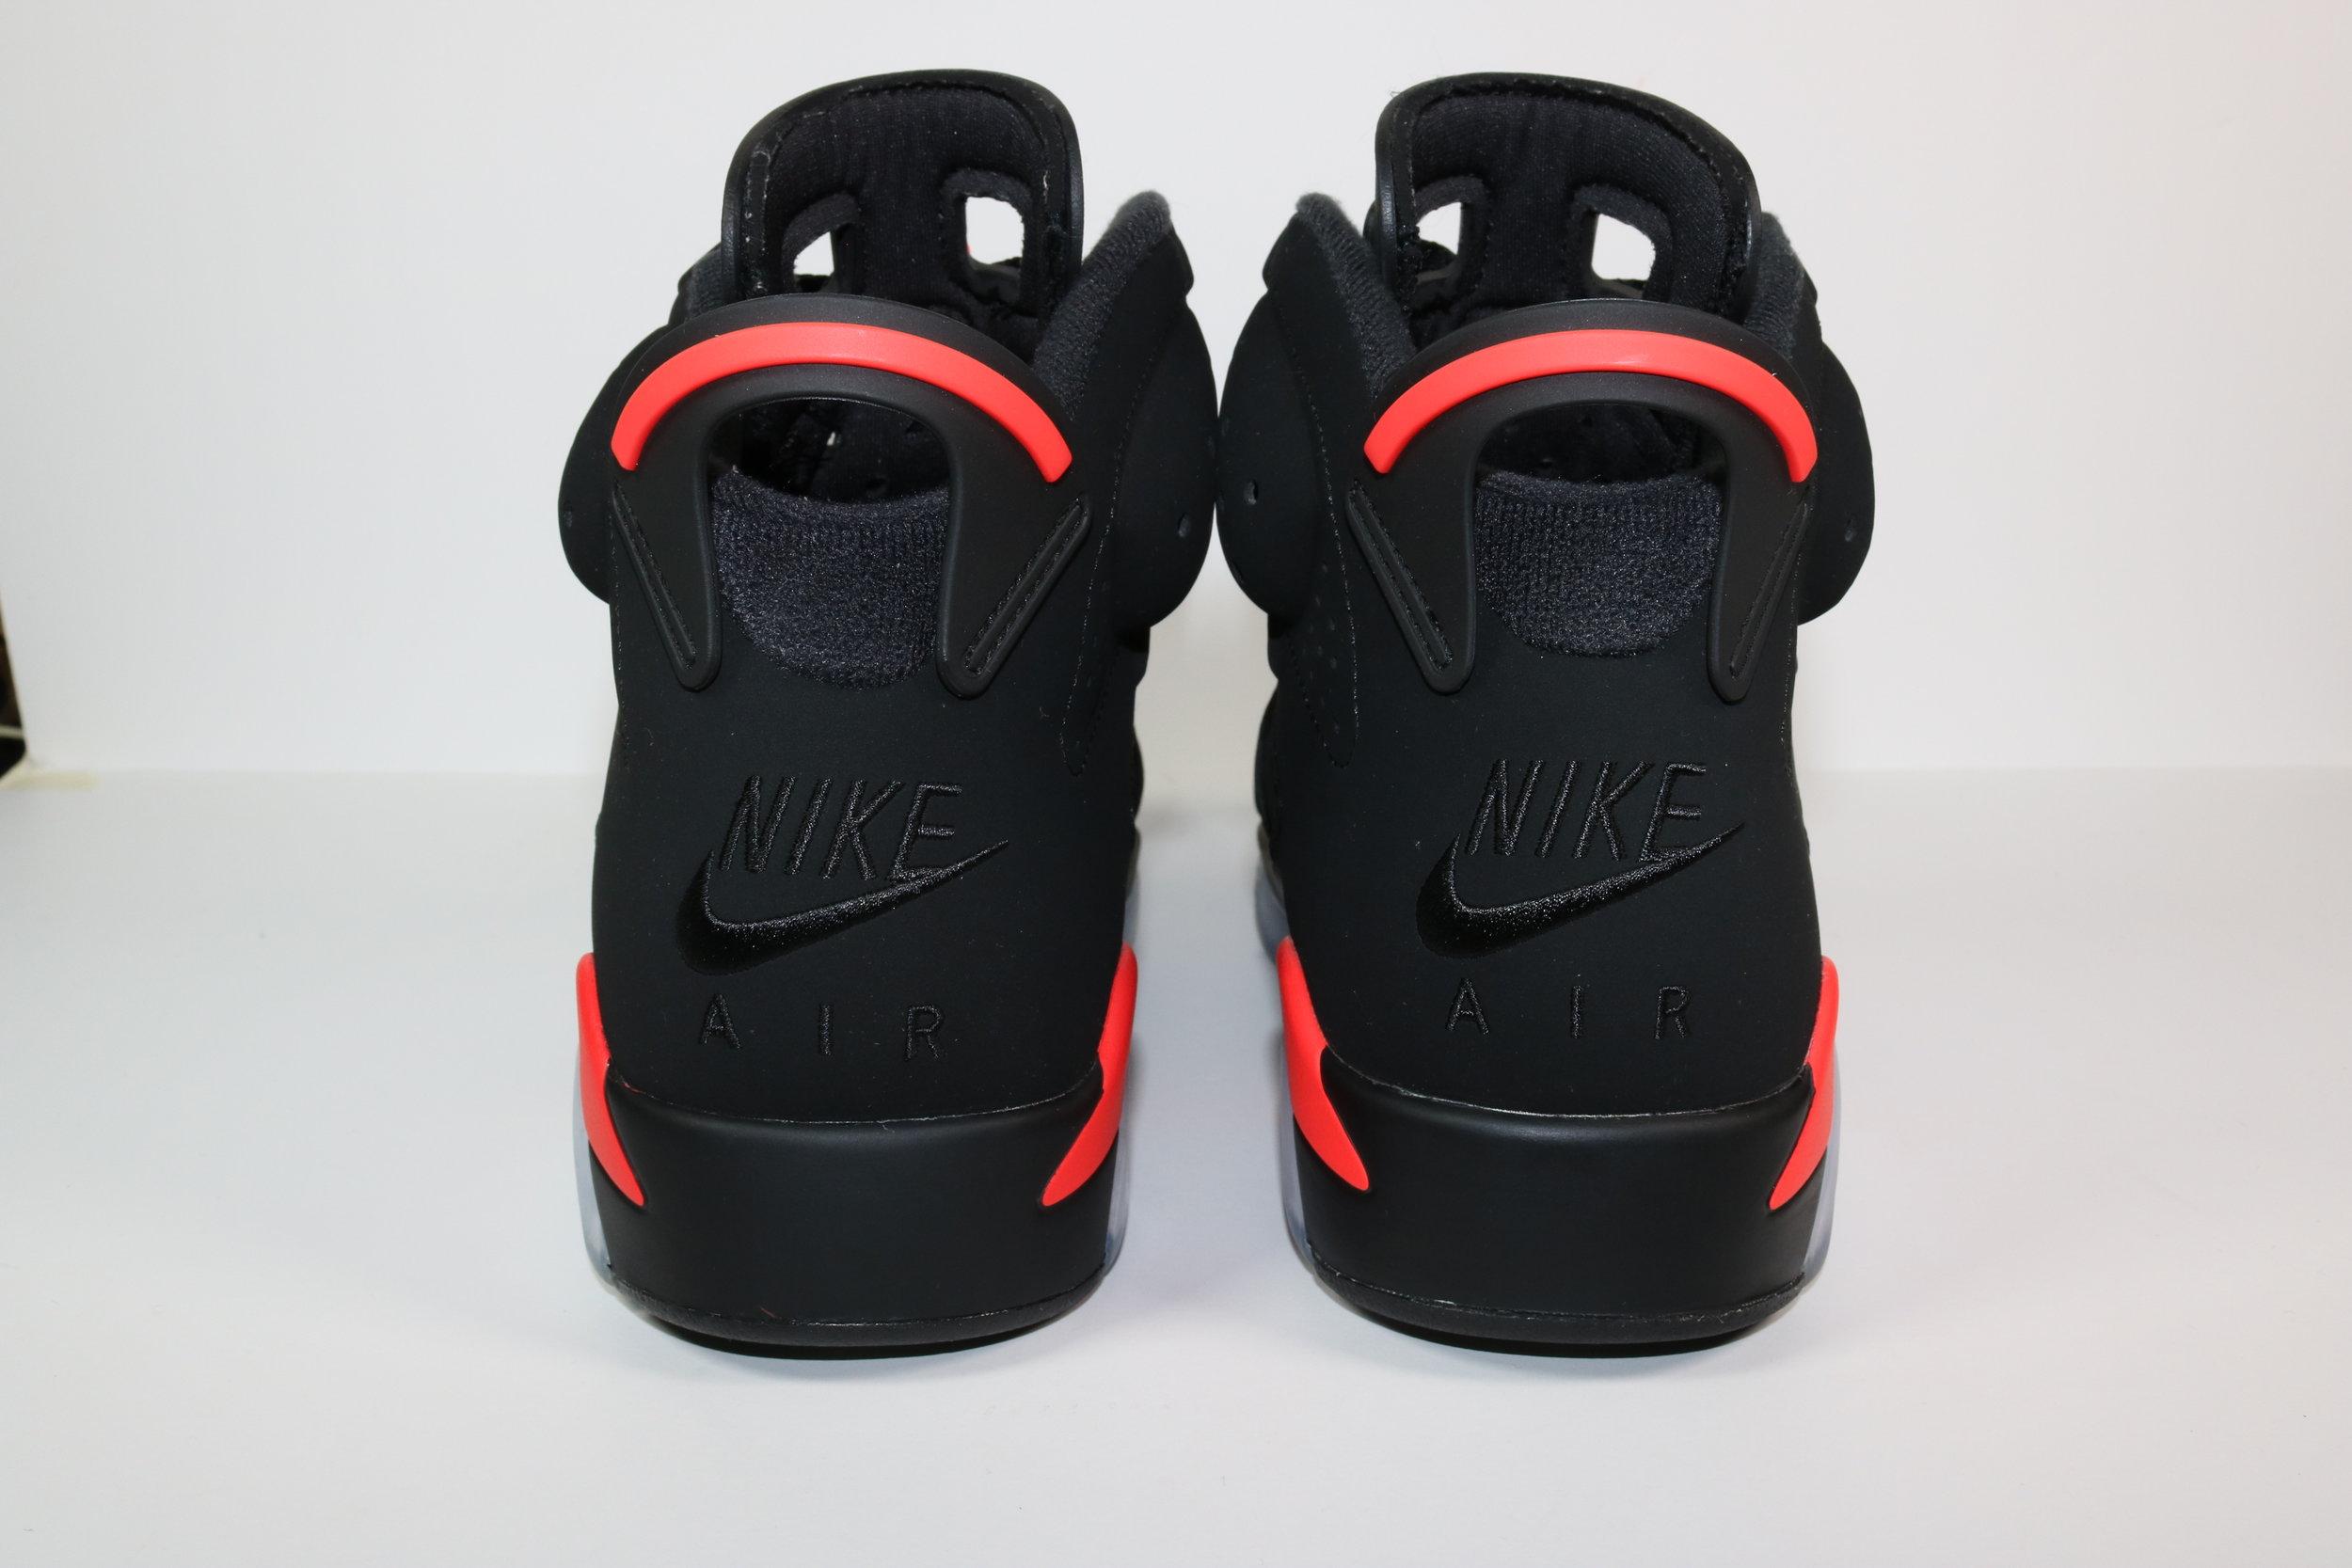 sneakers for cheap 523cf caed3 US 9.5 - NIKE AIR JORDAN 6 RETRO 2019